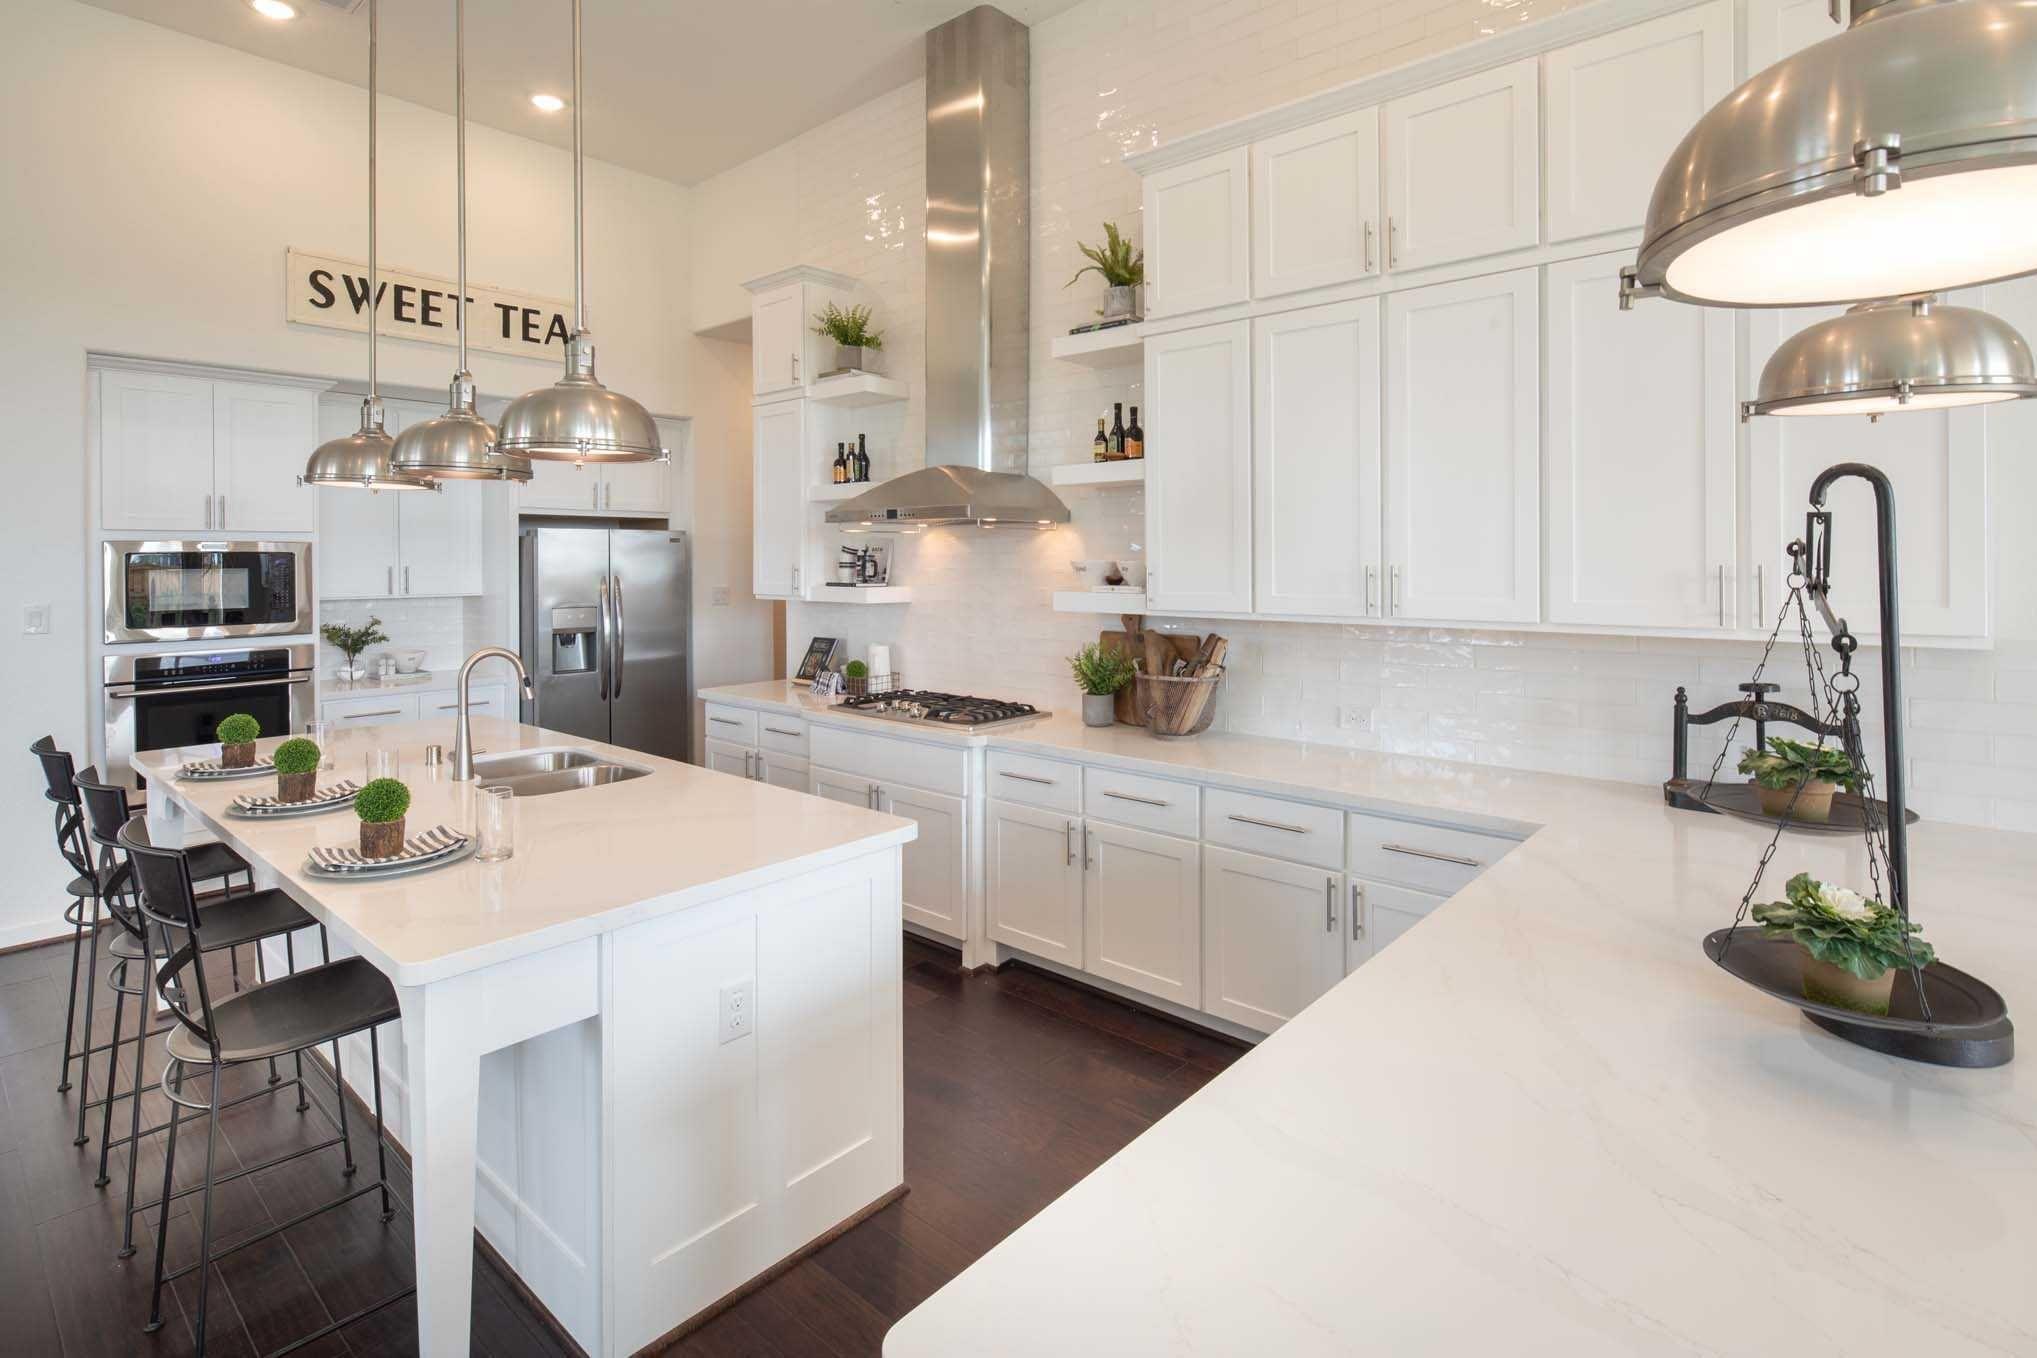 Kitchen In Highland Homes 200 Plan At 3502 Halladay Way Iowa